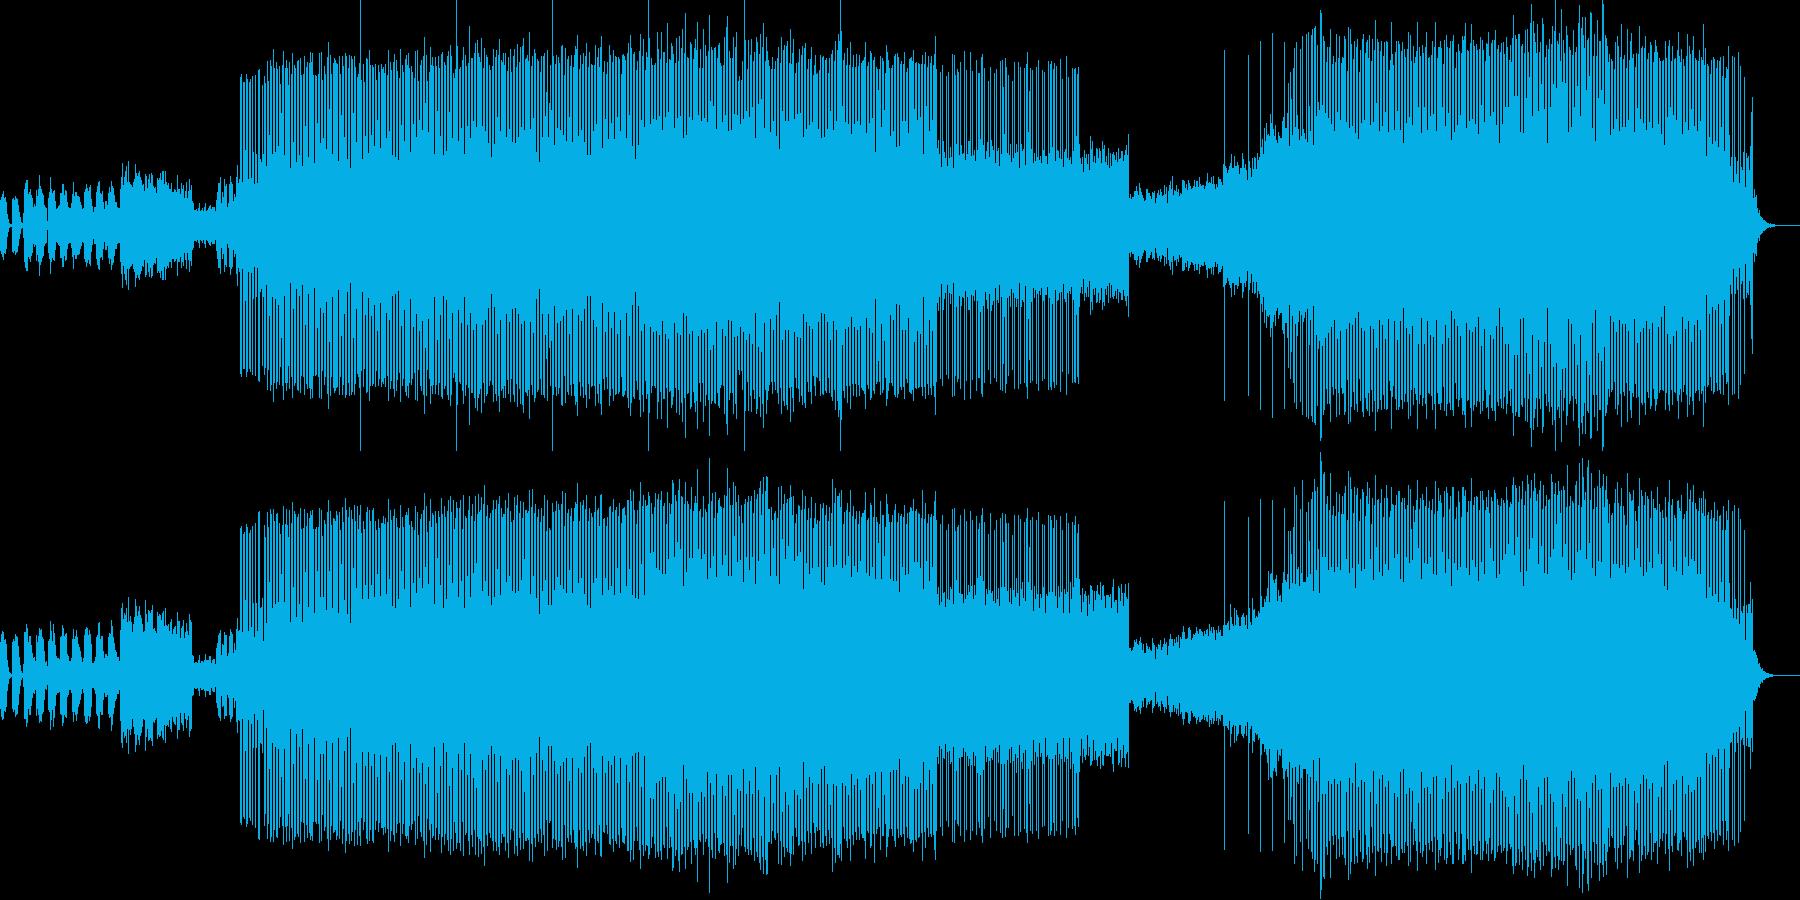 正月の定番曲「春の海」のテクノアレンジの再生済みの波形